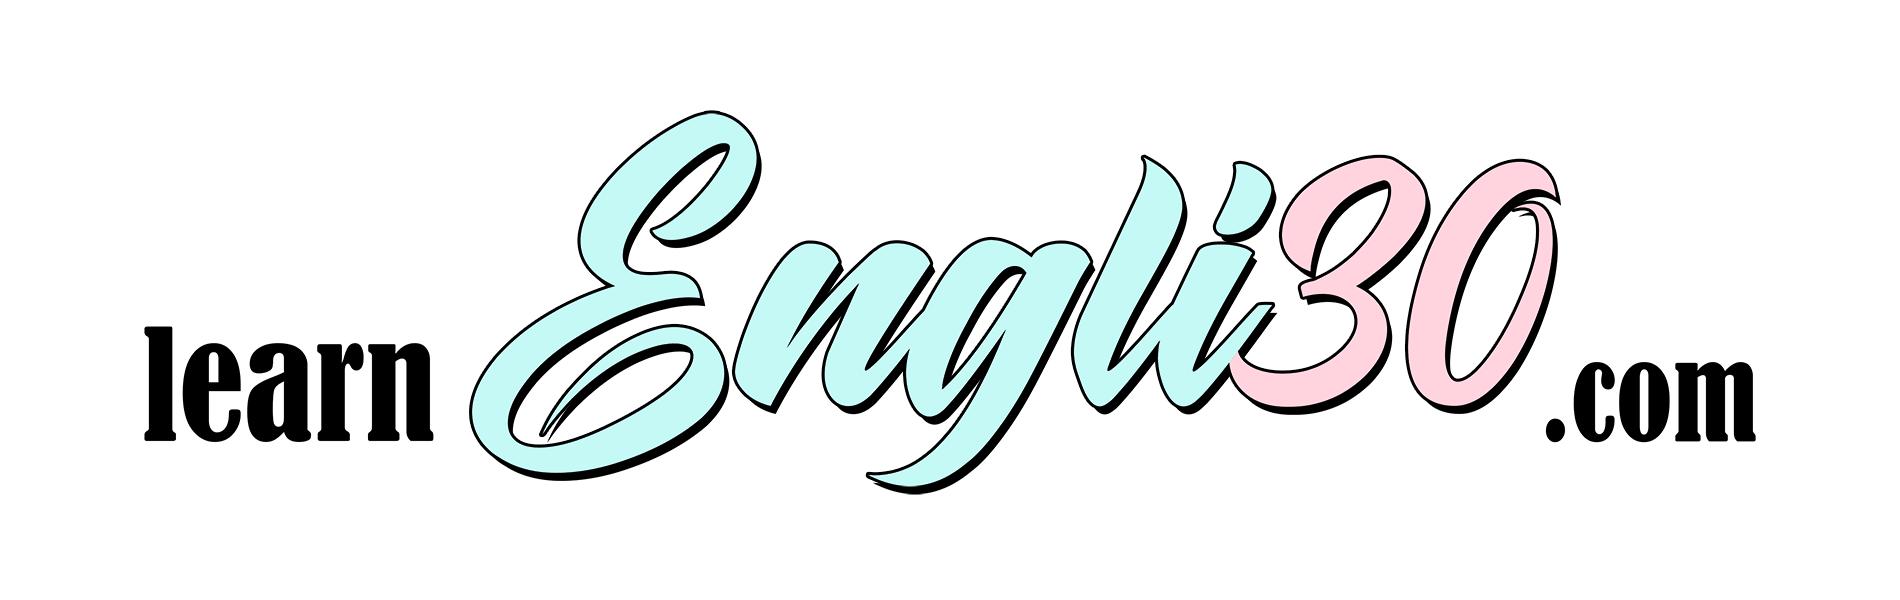 لرن انگلیسی